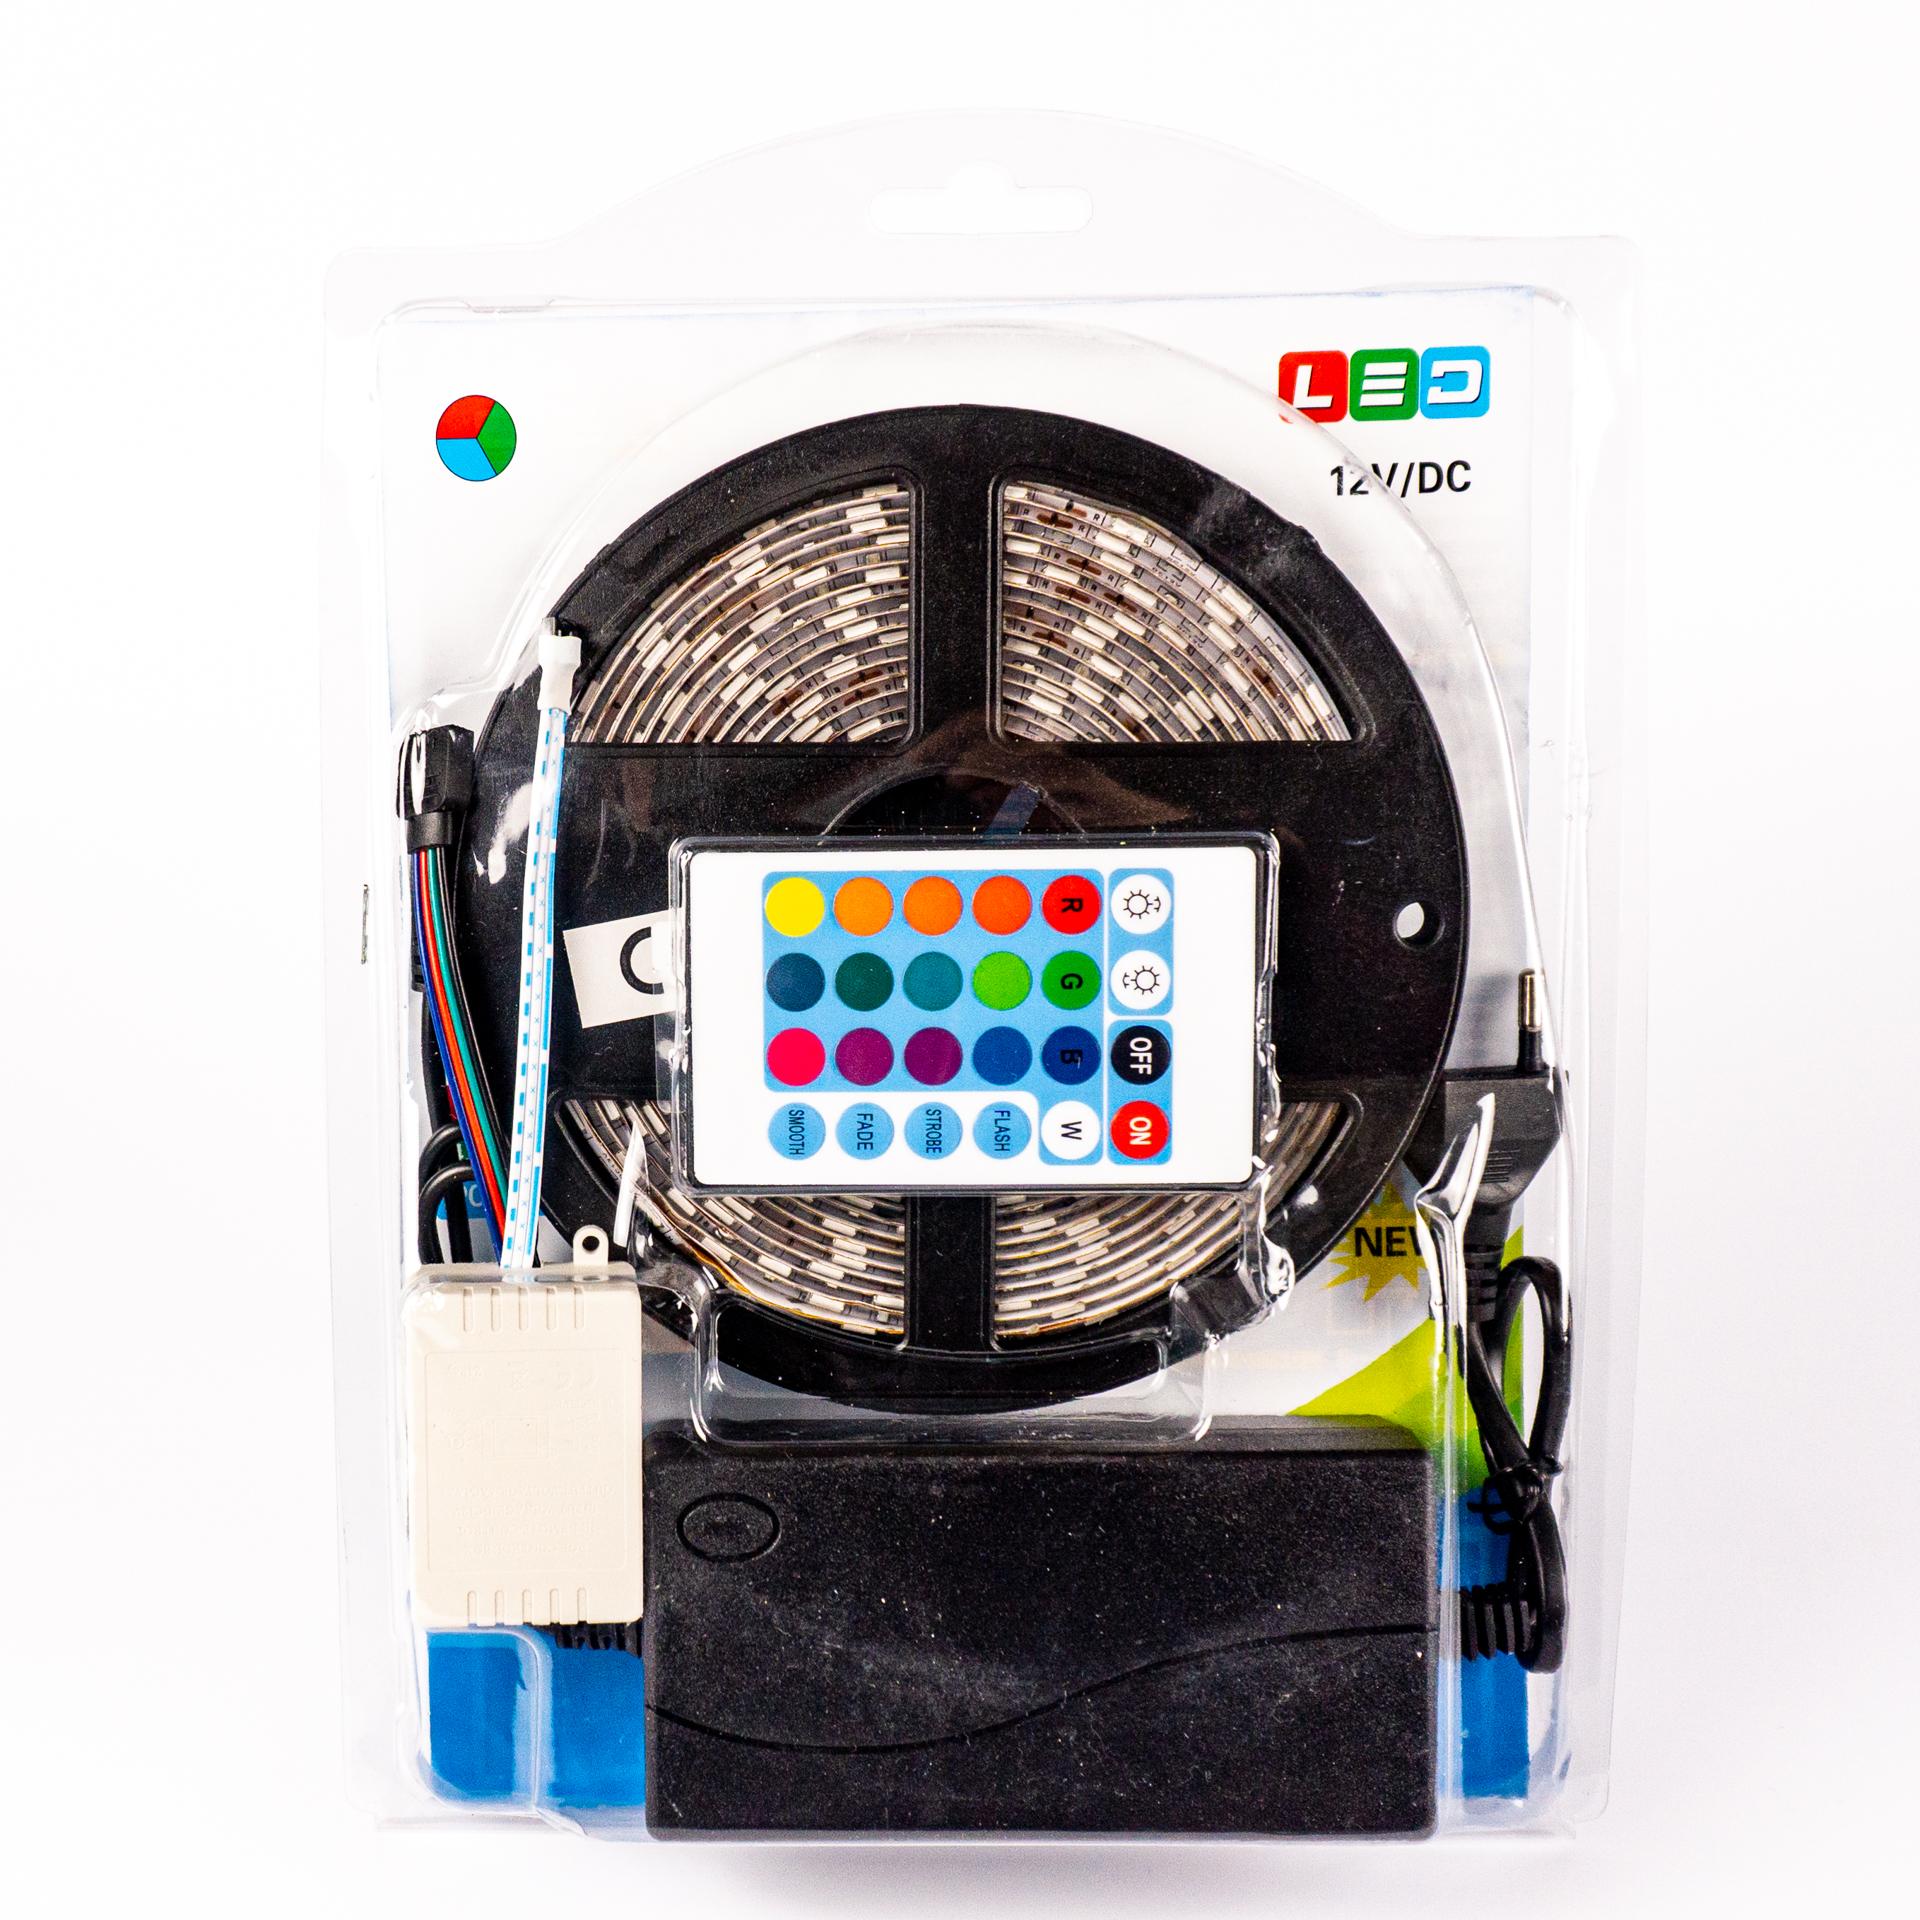 Komplett LED Szalag Szett Kültéri RGB Színes 5050 60 LED/M IR 5 Méter LSS-5RGBIR